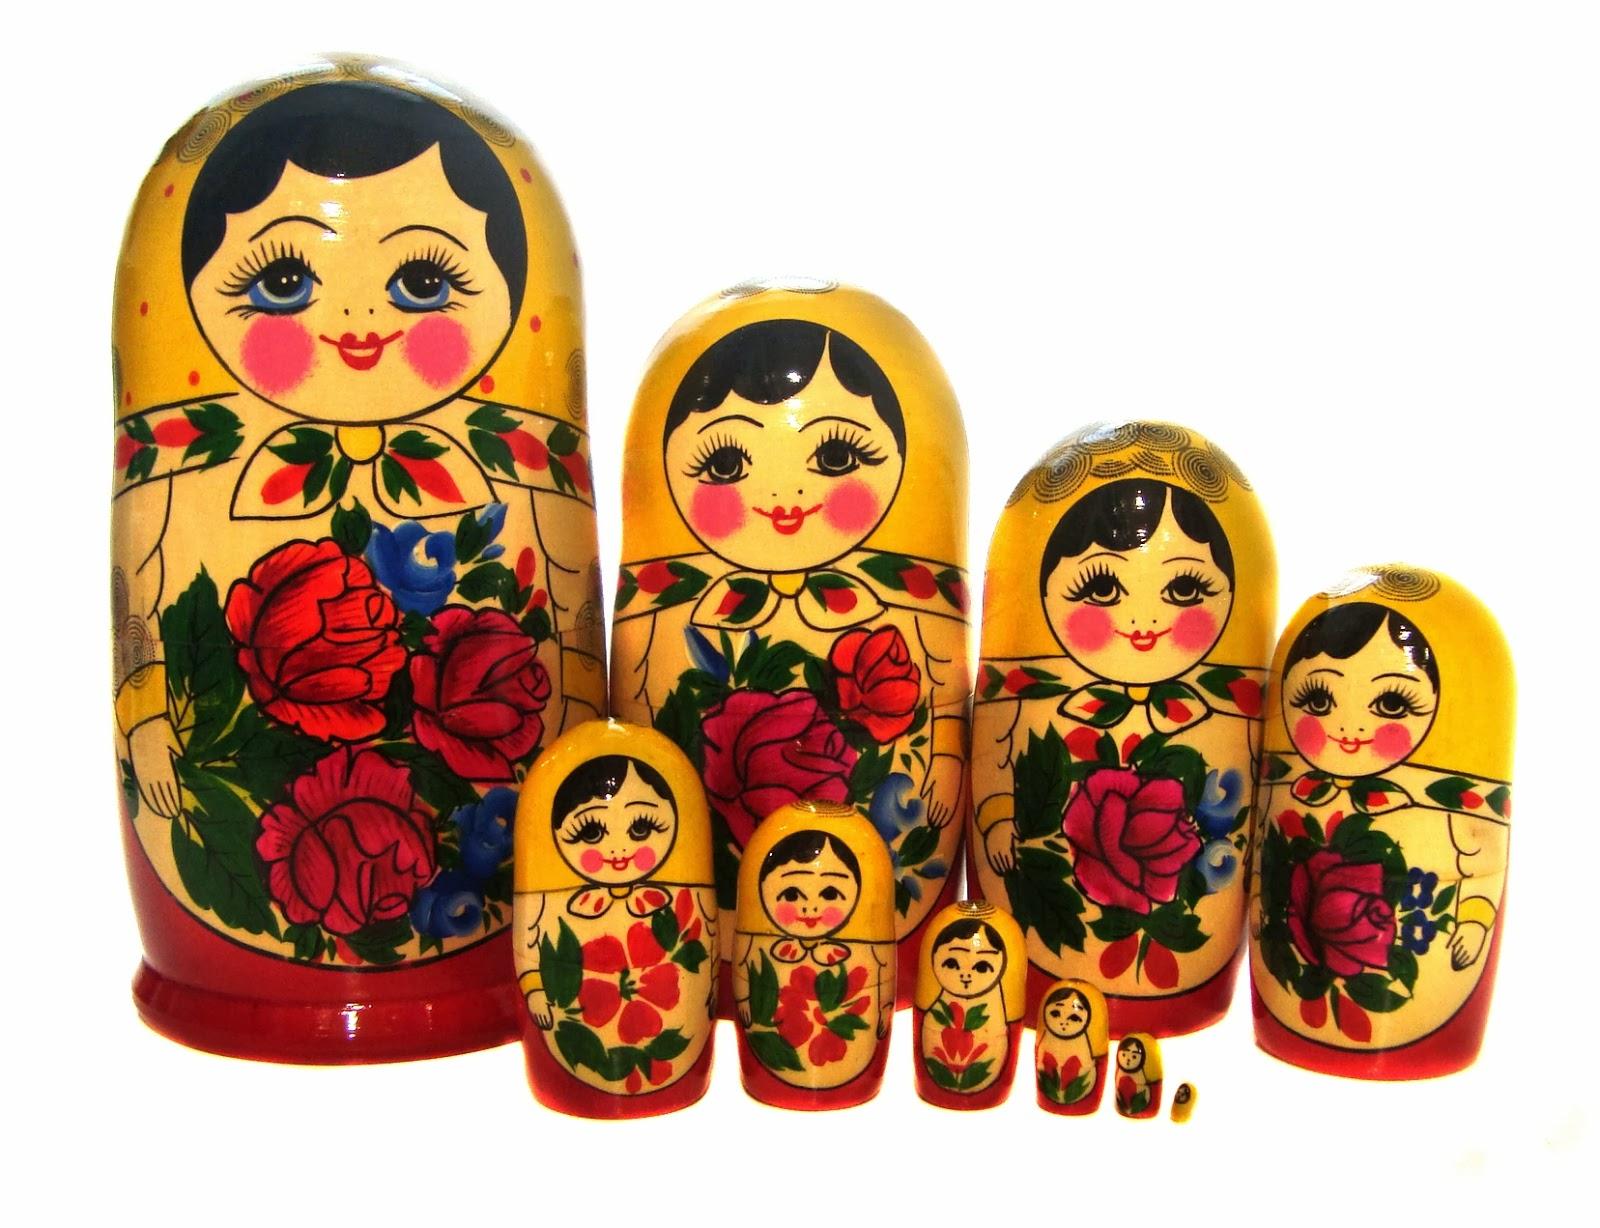 Русская красавица: история успеха семеновской деревянной игрушки